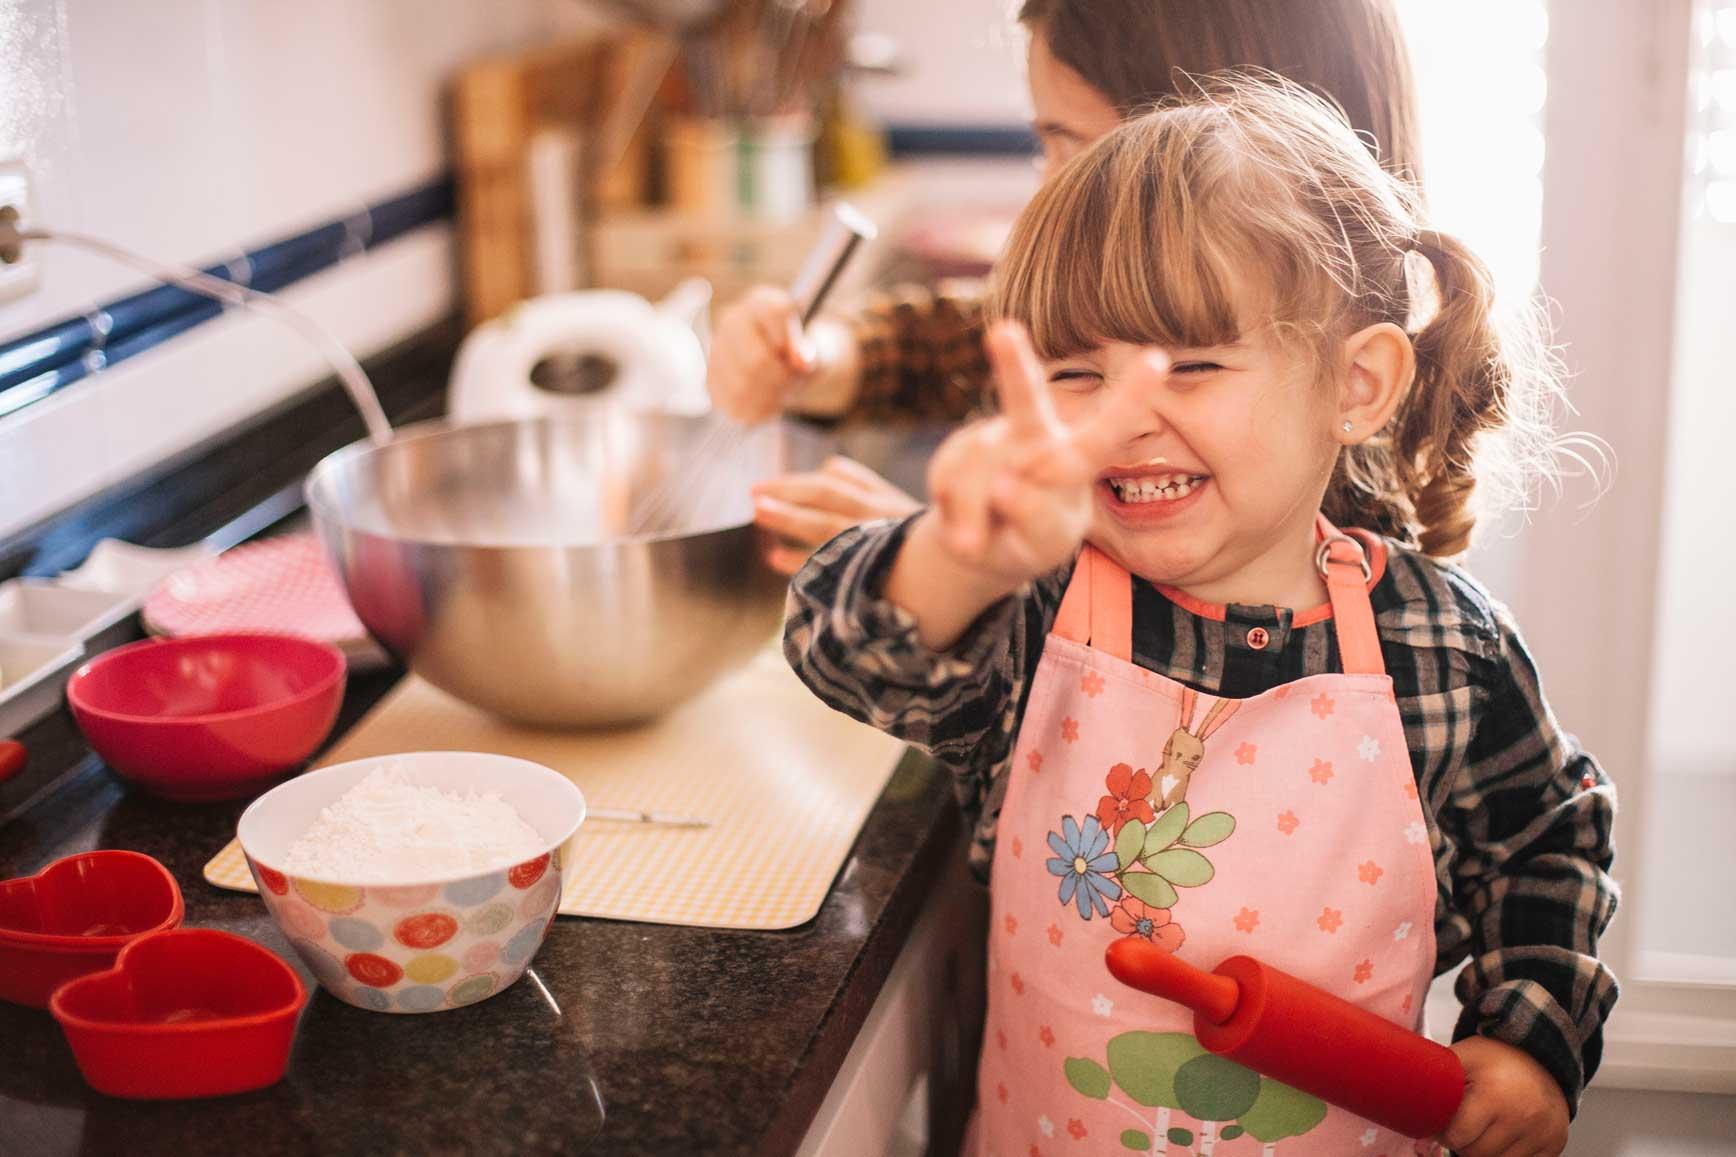 Receta de pancakes para hacer con niños